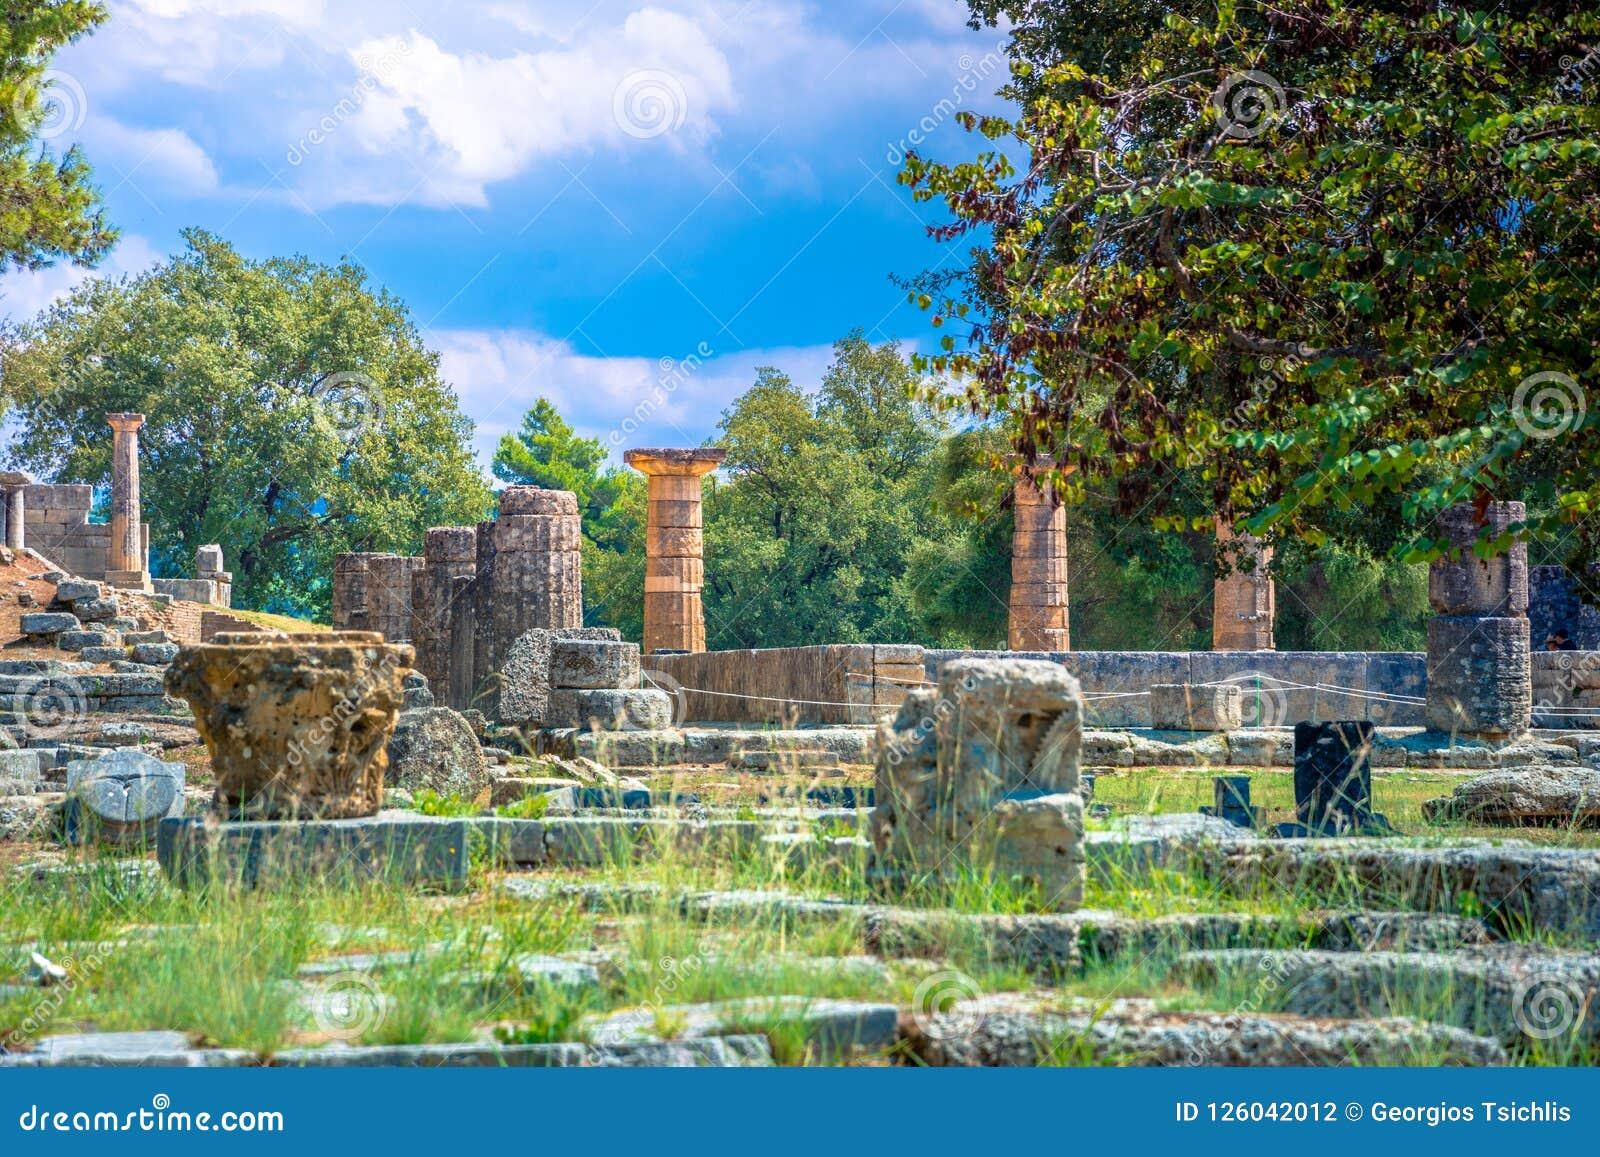 Die Ruinen der alten Olympia, Griechenland Findet hier die Note der olympischen Flamme statt